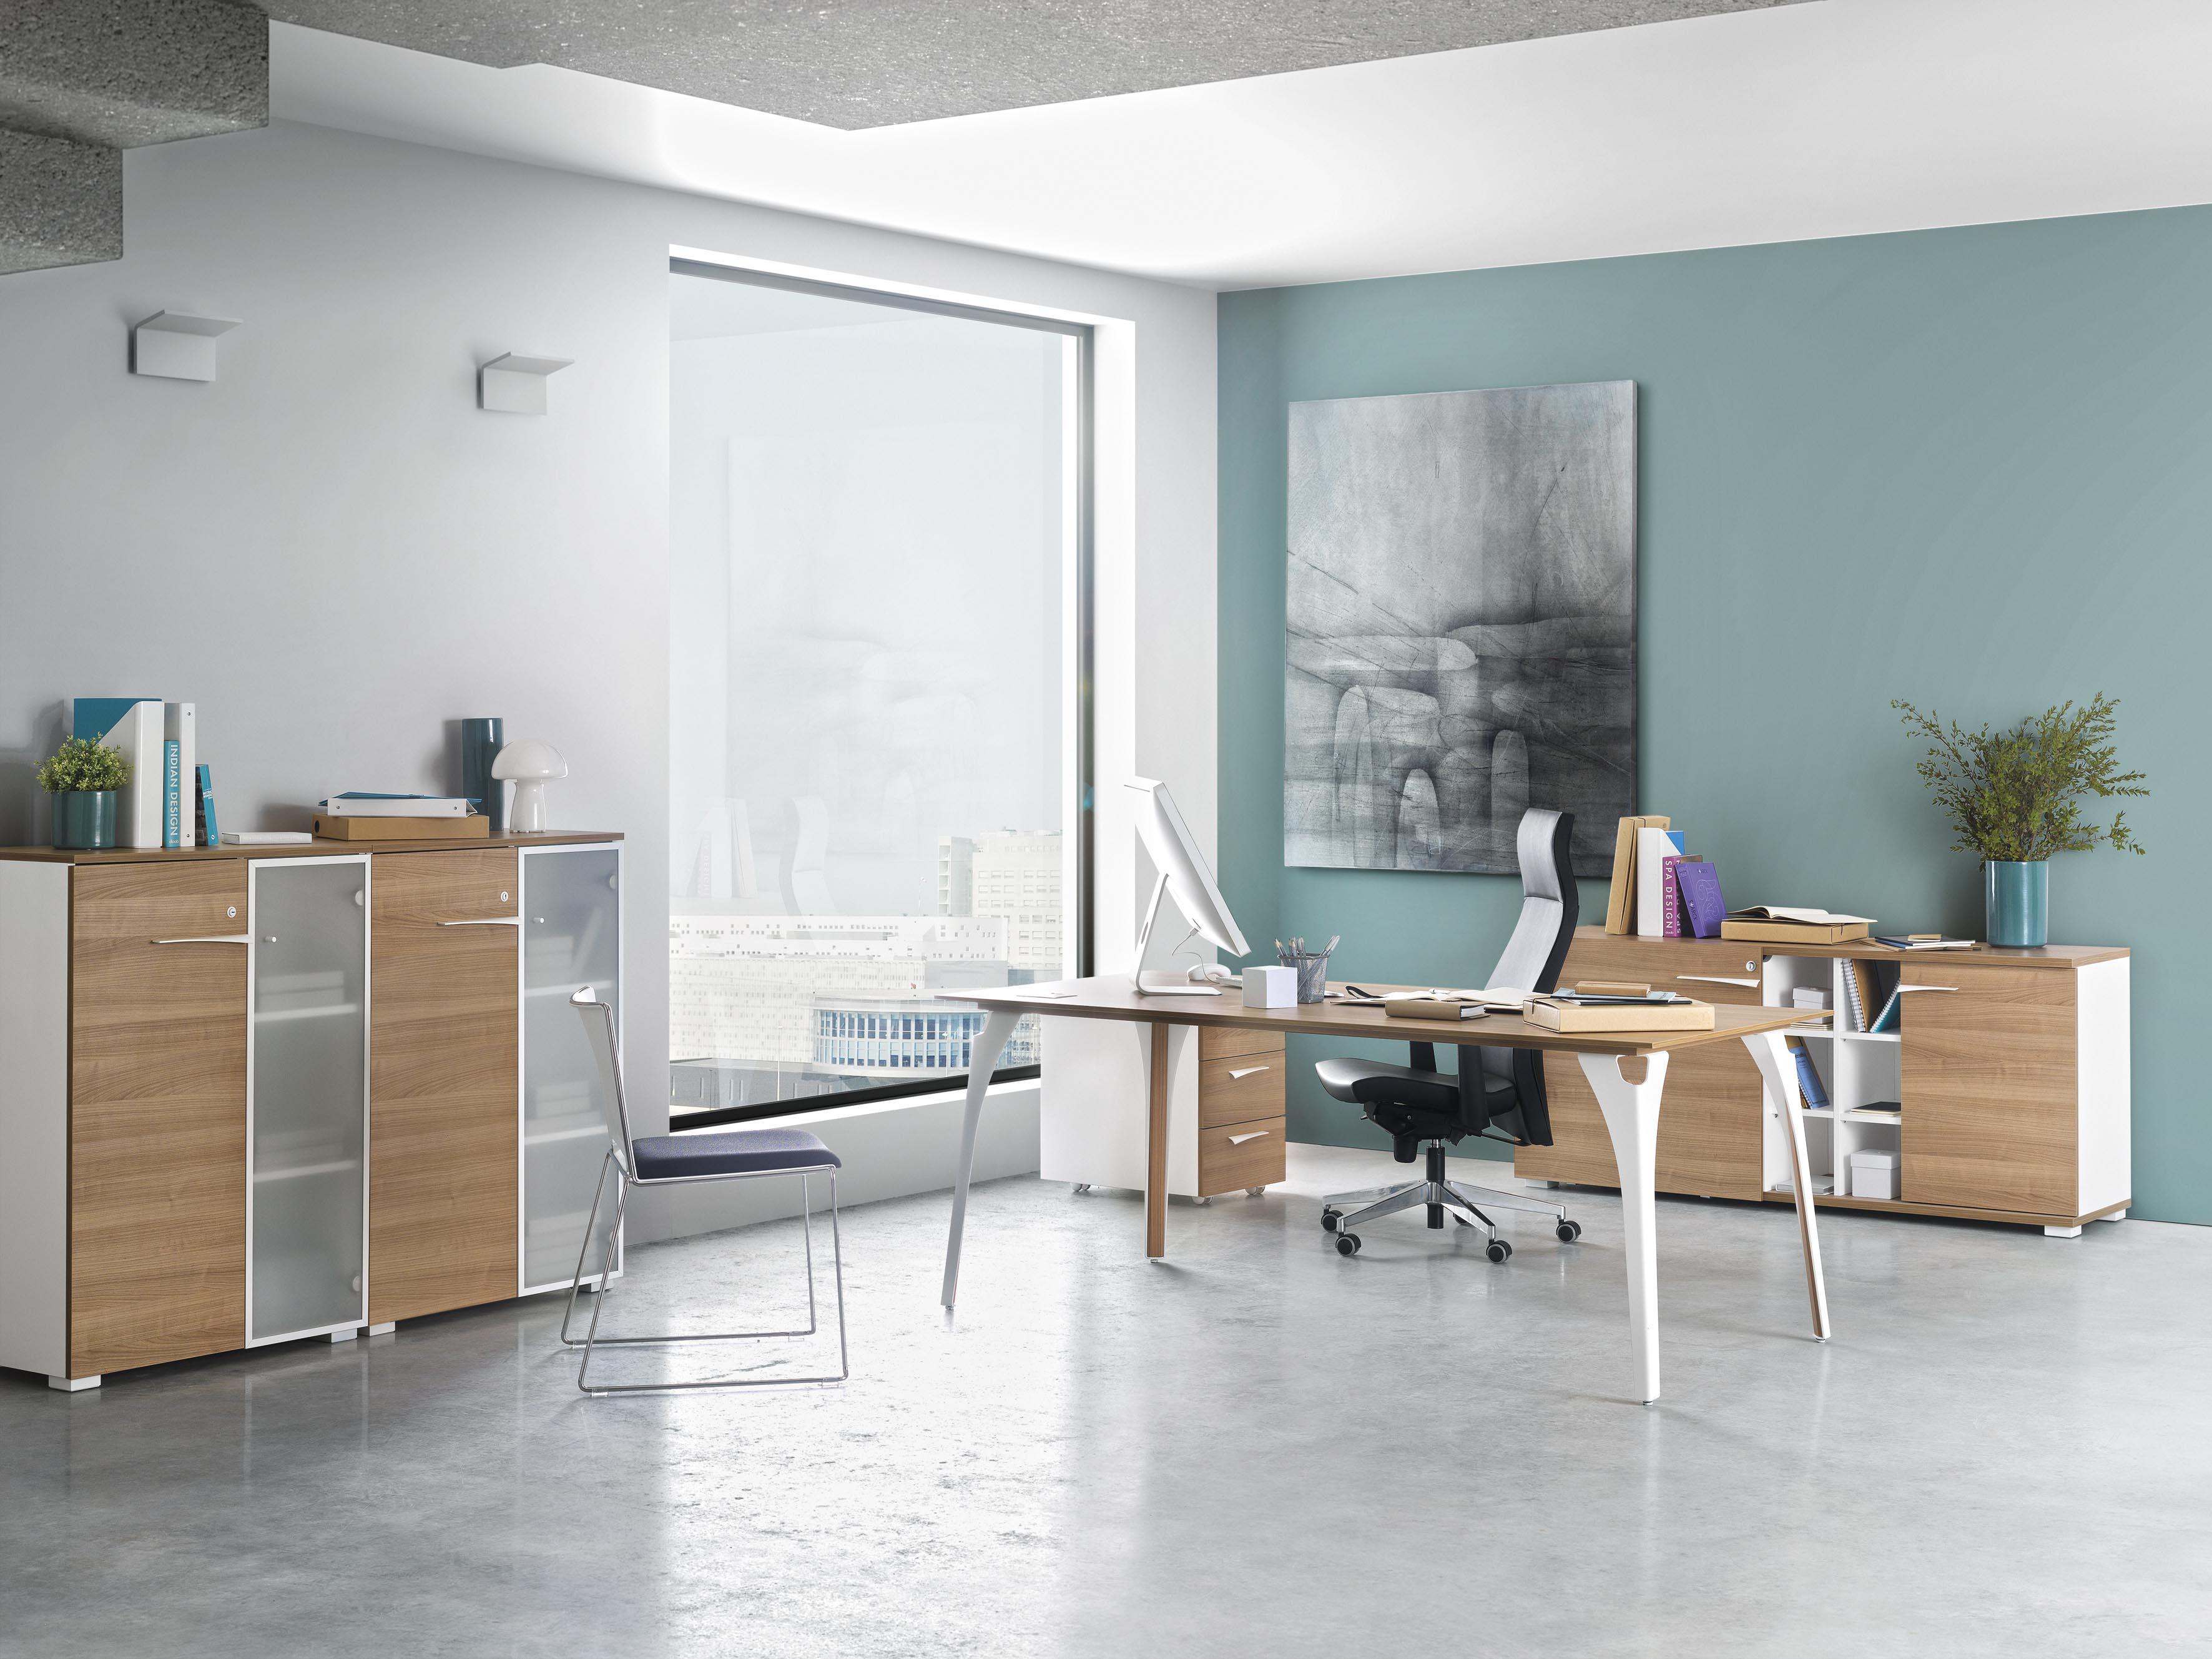 gautier office est d sormais disponible sur le catalogue pcon pcon blog. Black Bedroom Furniture Sets. Home Design Ideas